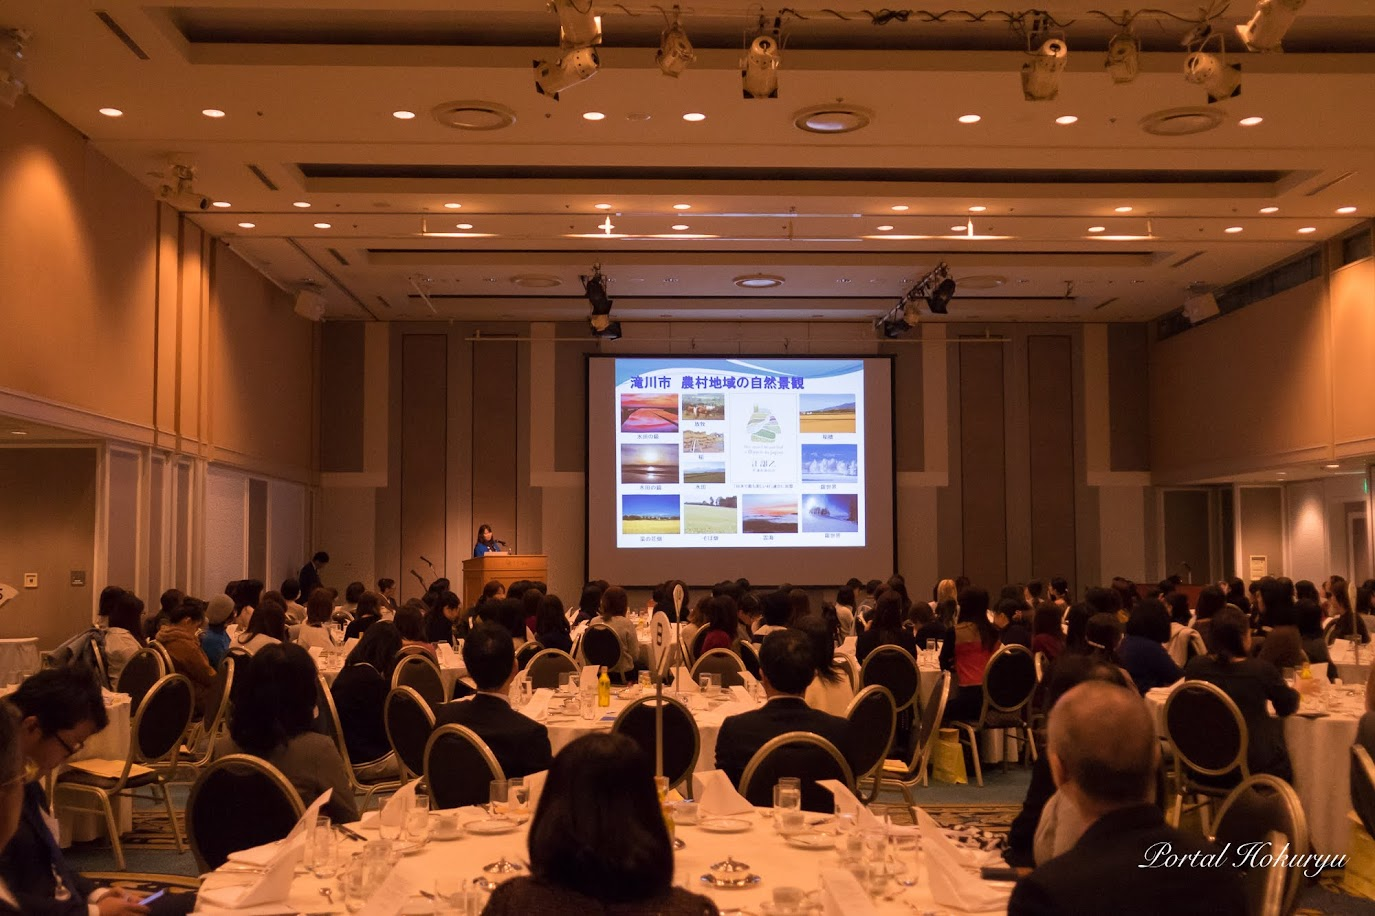 ひまわり油を知るセミナー&味わうランチ会(札幌市)に200名以上が参加してひまわり油を味わう